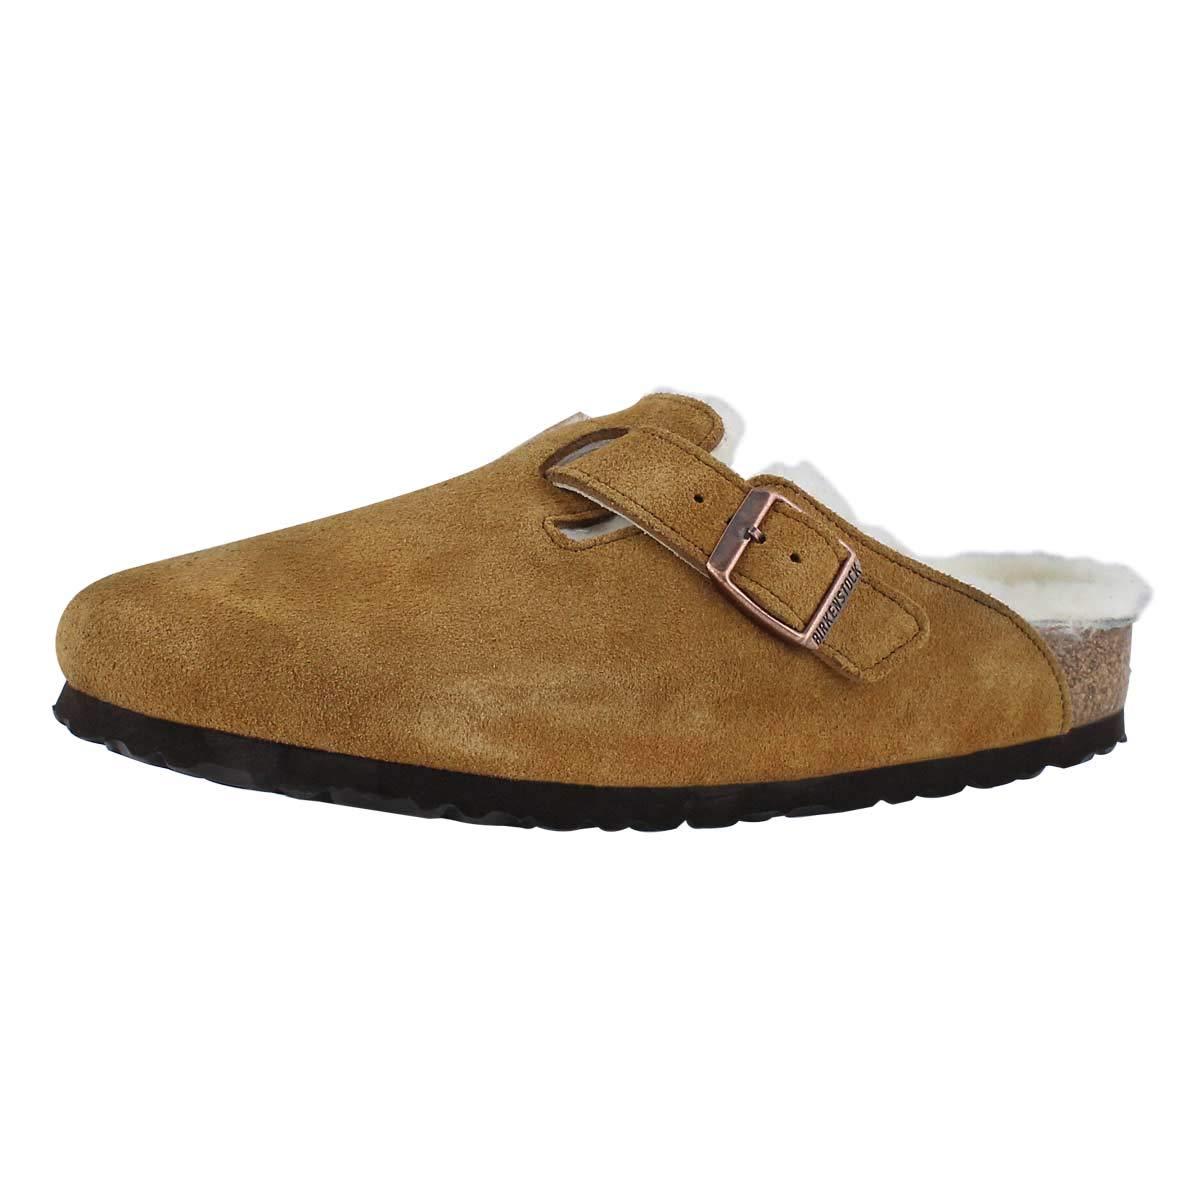 Birkenstock Boston Shearling Leather Slip On Shoes 6 B(M) US Women / 4 D(M) US Mink